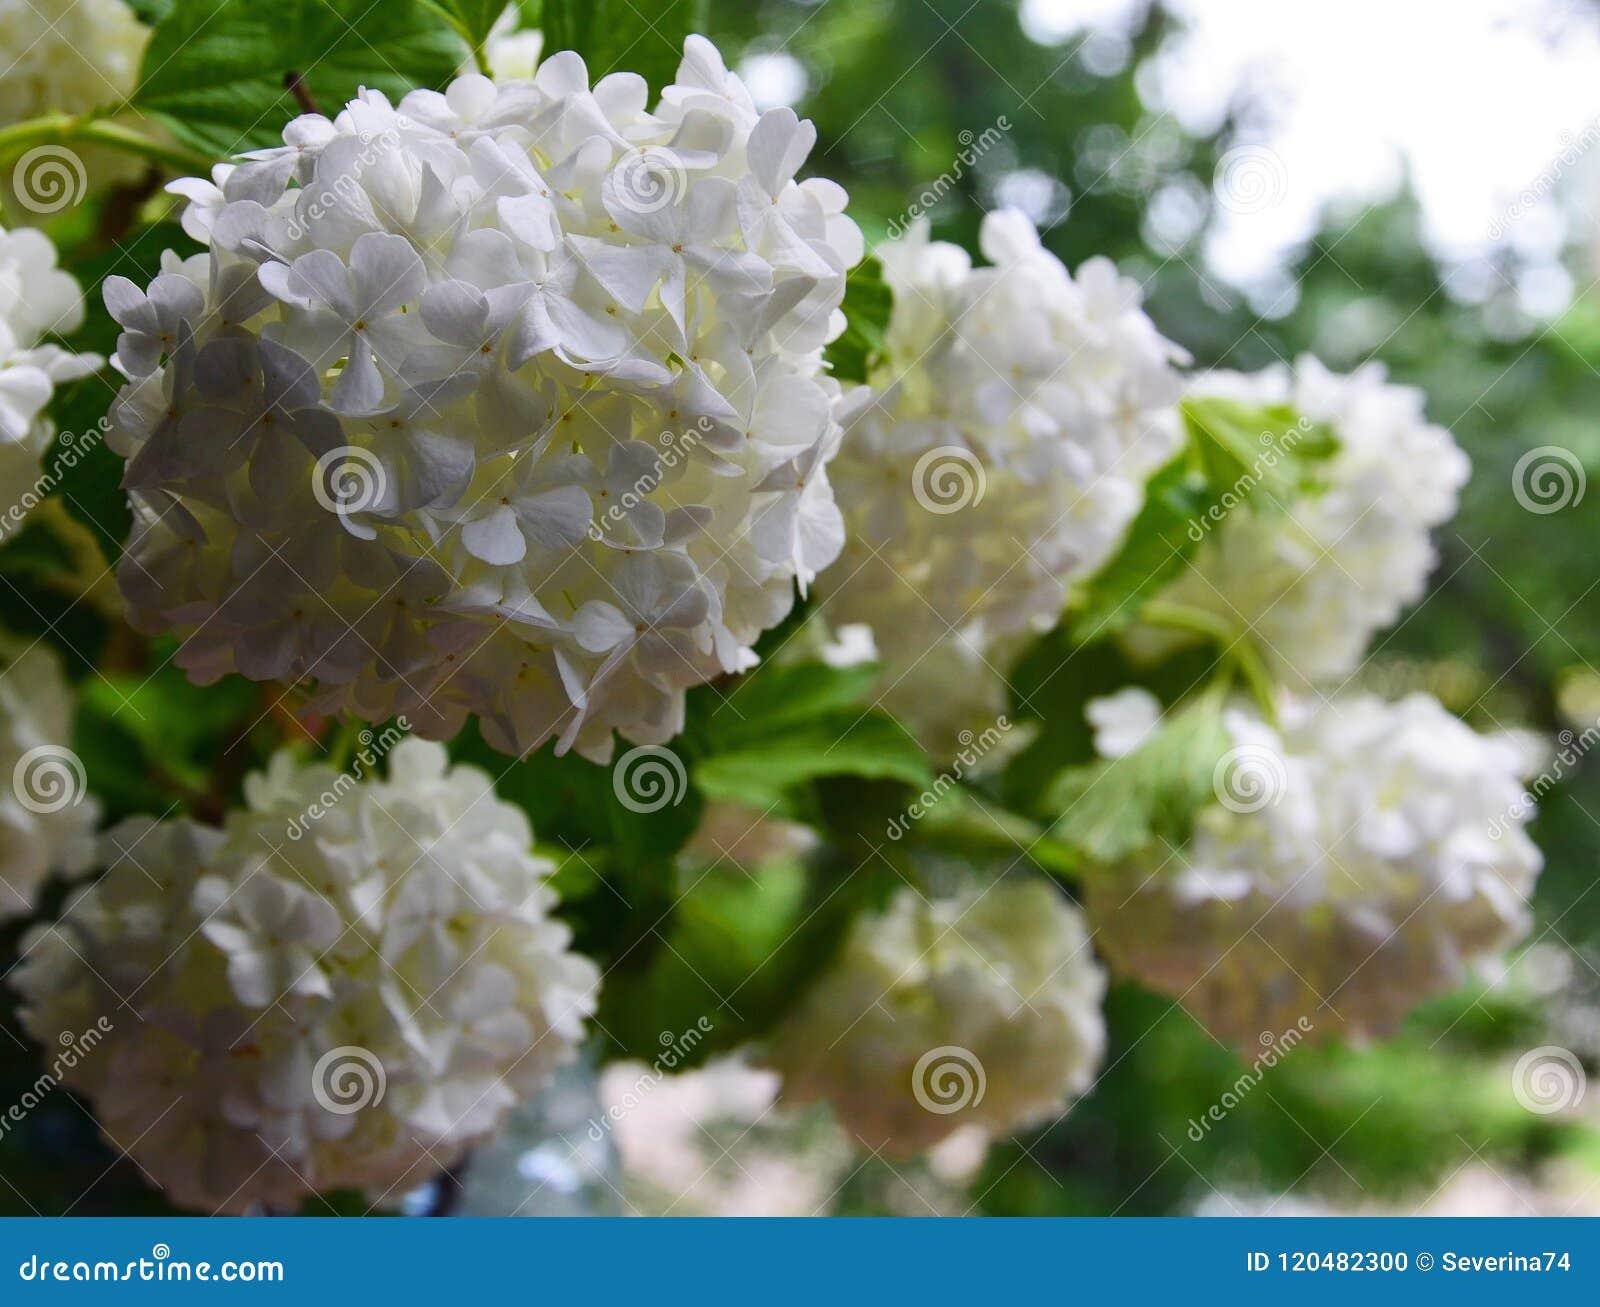 Fiori A Palla Bianchi.Bei Fiori Bianchi Di Viburno Nel Giardino Opulus Di Viburno Fine